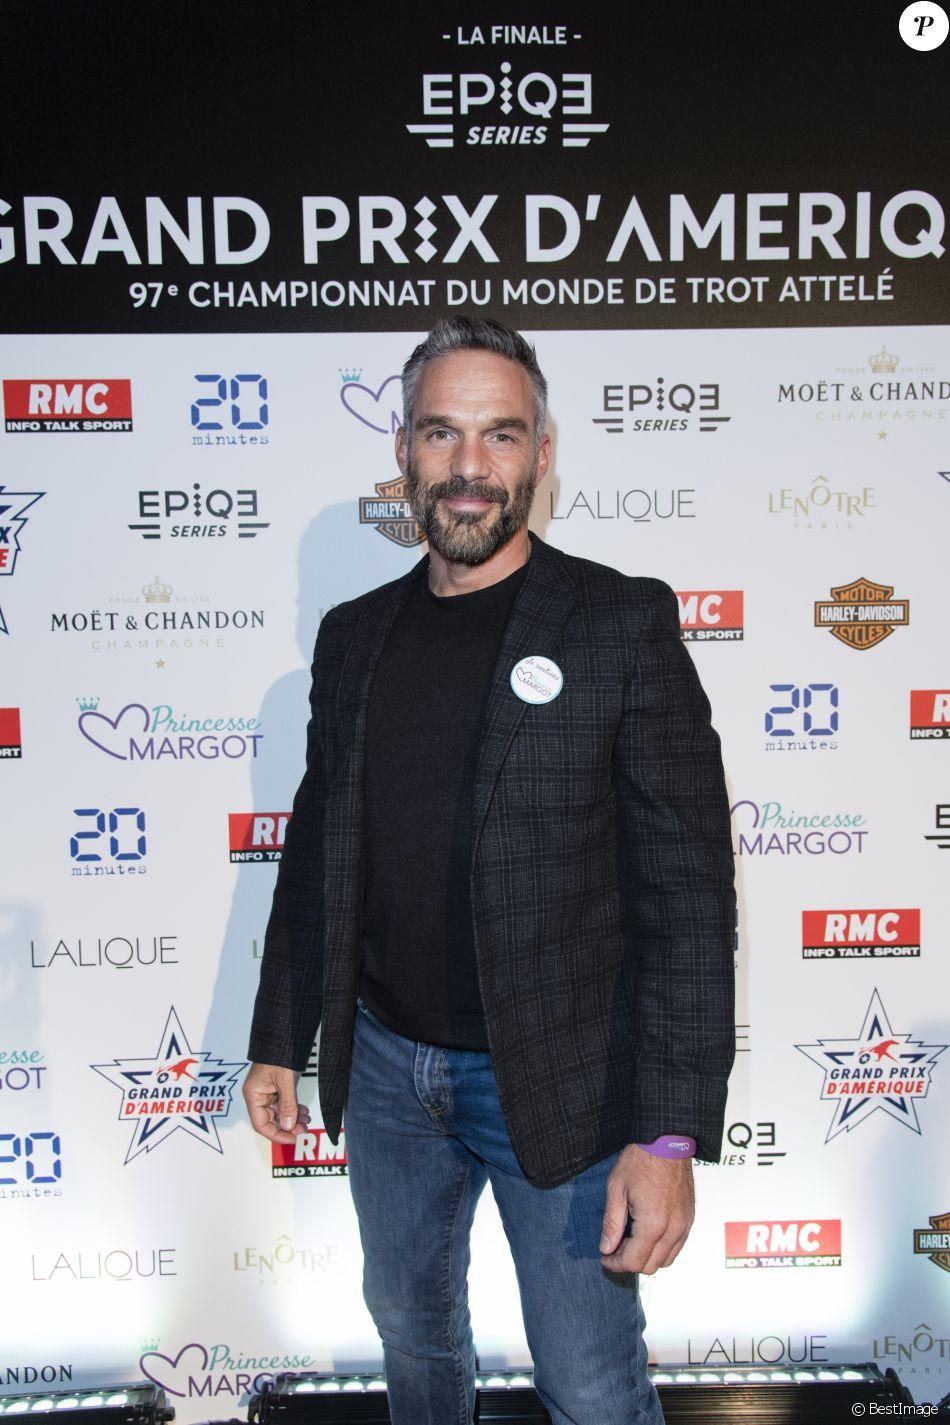 Exclusif - Philippe Bas - Soirée de du 97ème Grand Prix d'Amérique à l'Hippodrome de Vincennes le 21 novembre 2017. © Pierre Perusseau/Bestimage